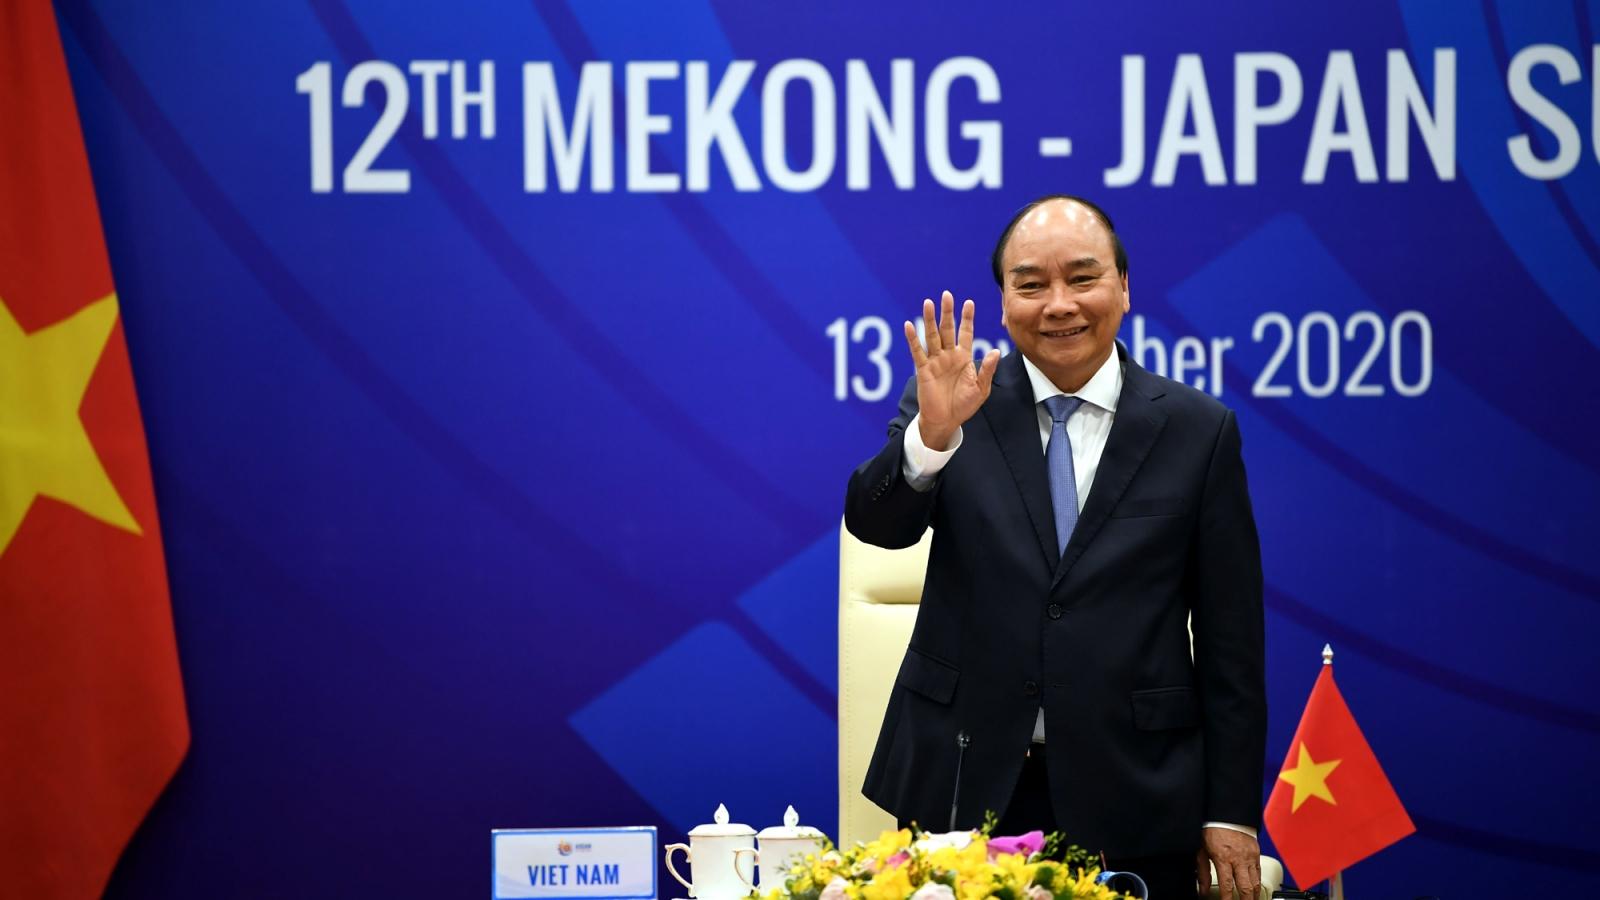 Mekong-Nhật Bản thúc đẩy đối phó Covid-19, phát triển kinh tế khu vực